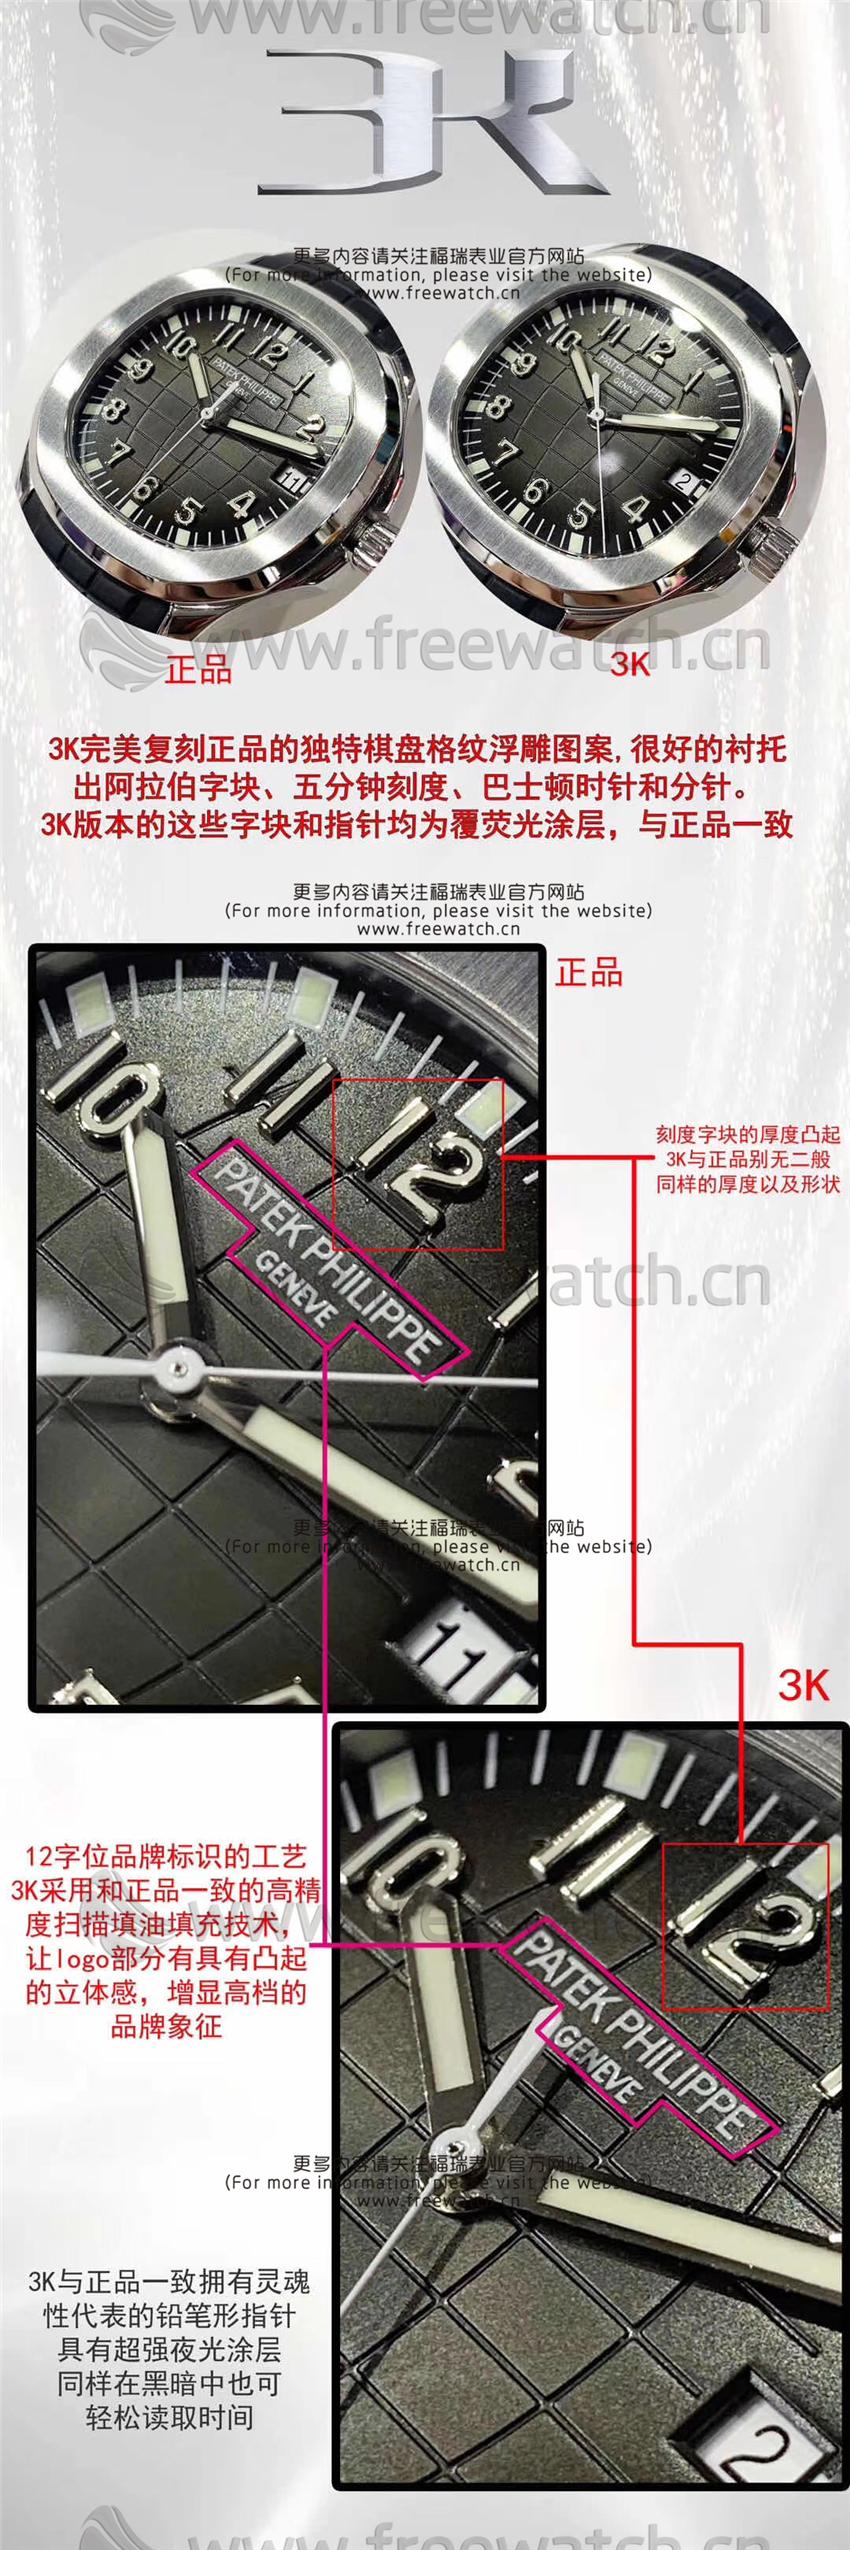 3K厂百达翡丽手雷与正品对比评测和其它版本差别在哪-第3张